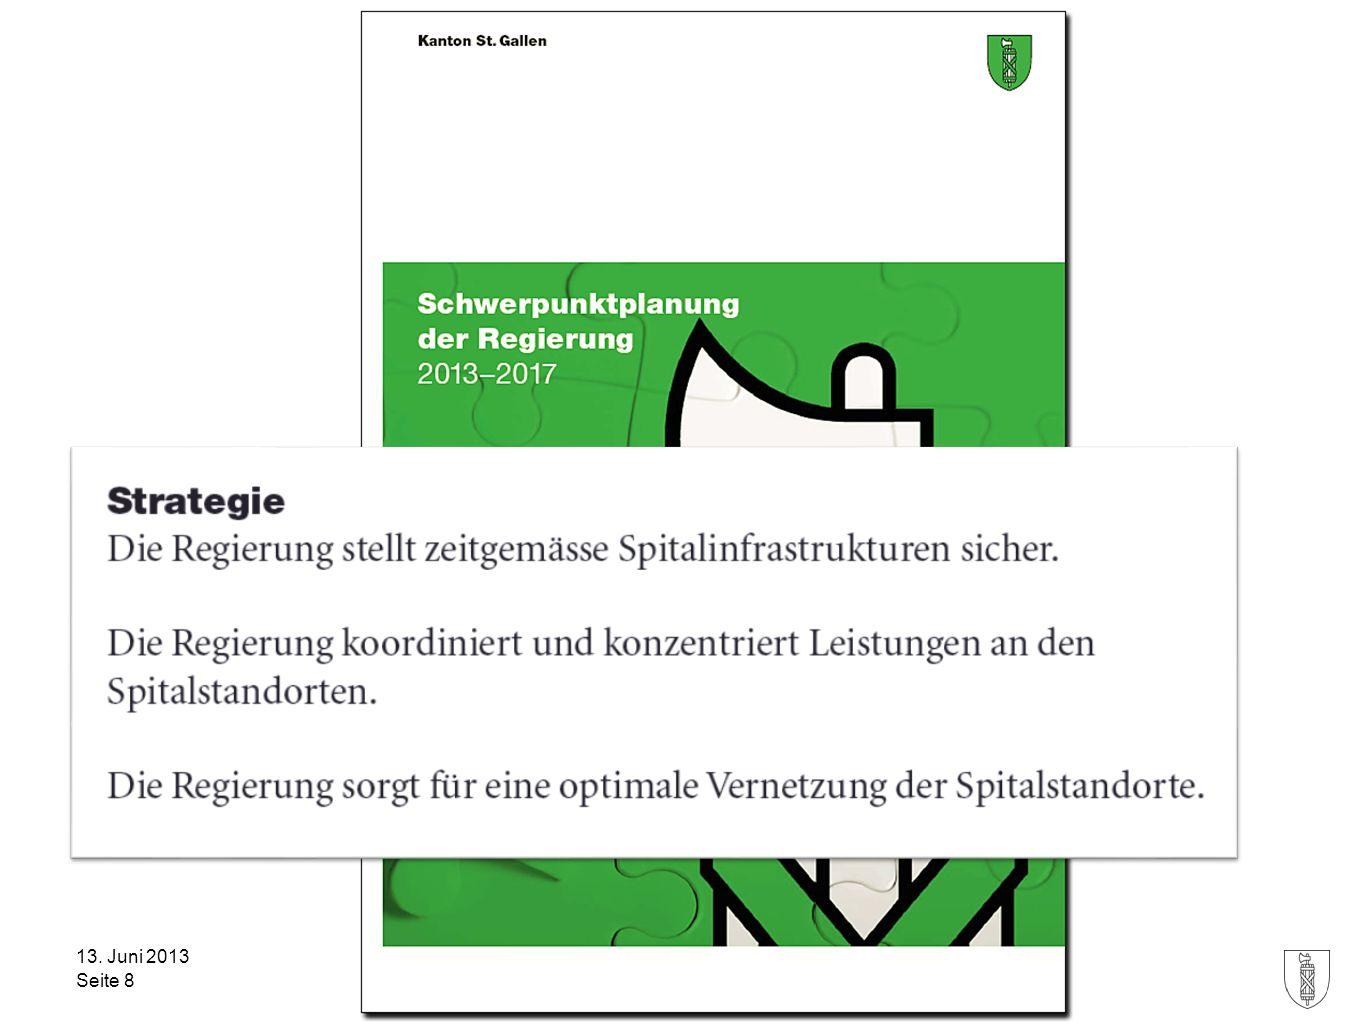 Kanton St.Gallen Auch Auslagern will durchdacht sein 13.